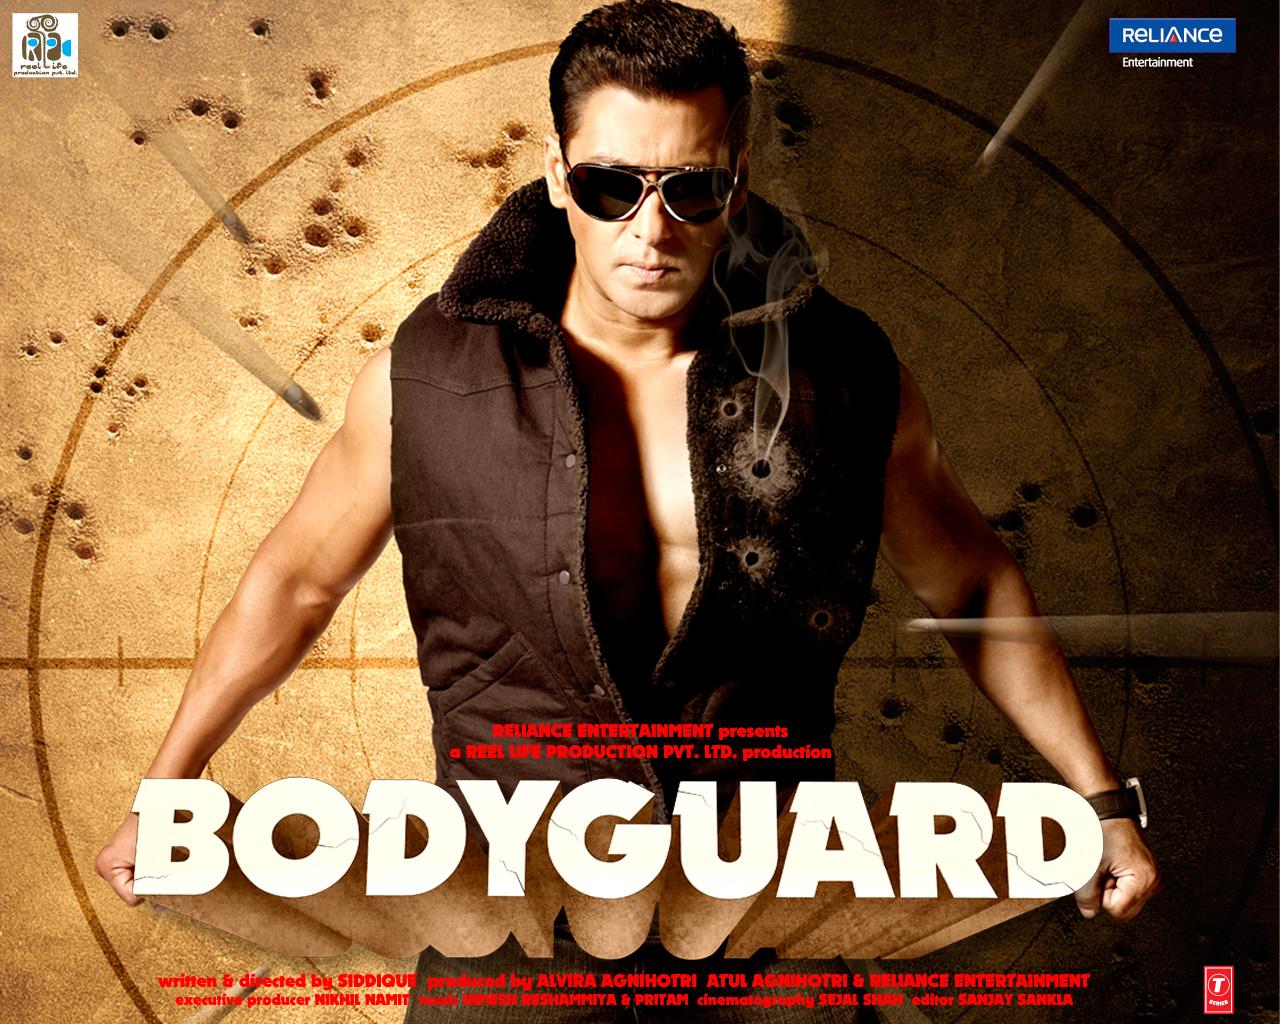 http://1.bp.blogspot.com/-p_D3wYNtyPM/TrU4QxSNgCI/AAAAAAAAEaM/NRgLO_fr98E/s1600/bodyguard-wallpaper-1-1280x1024.jpg